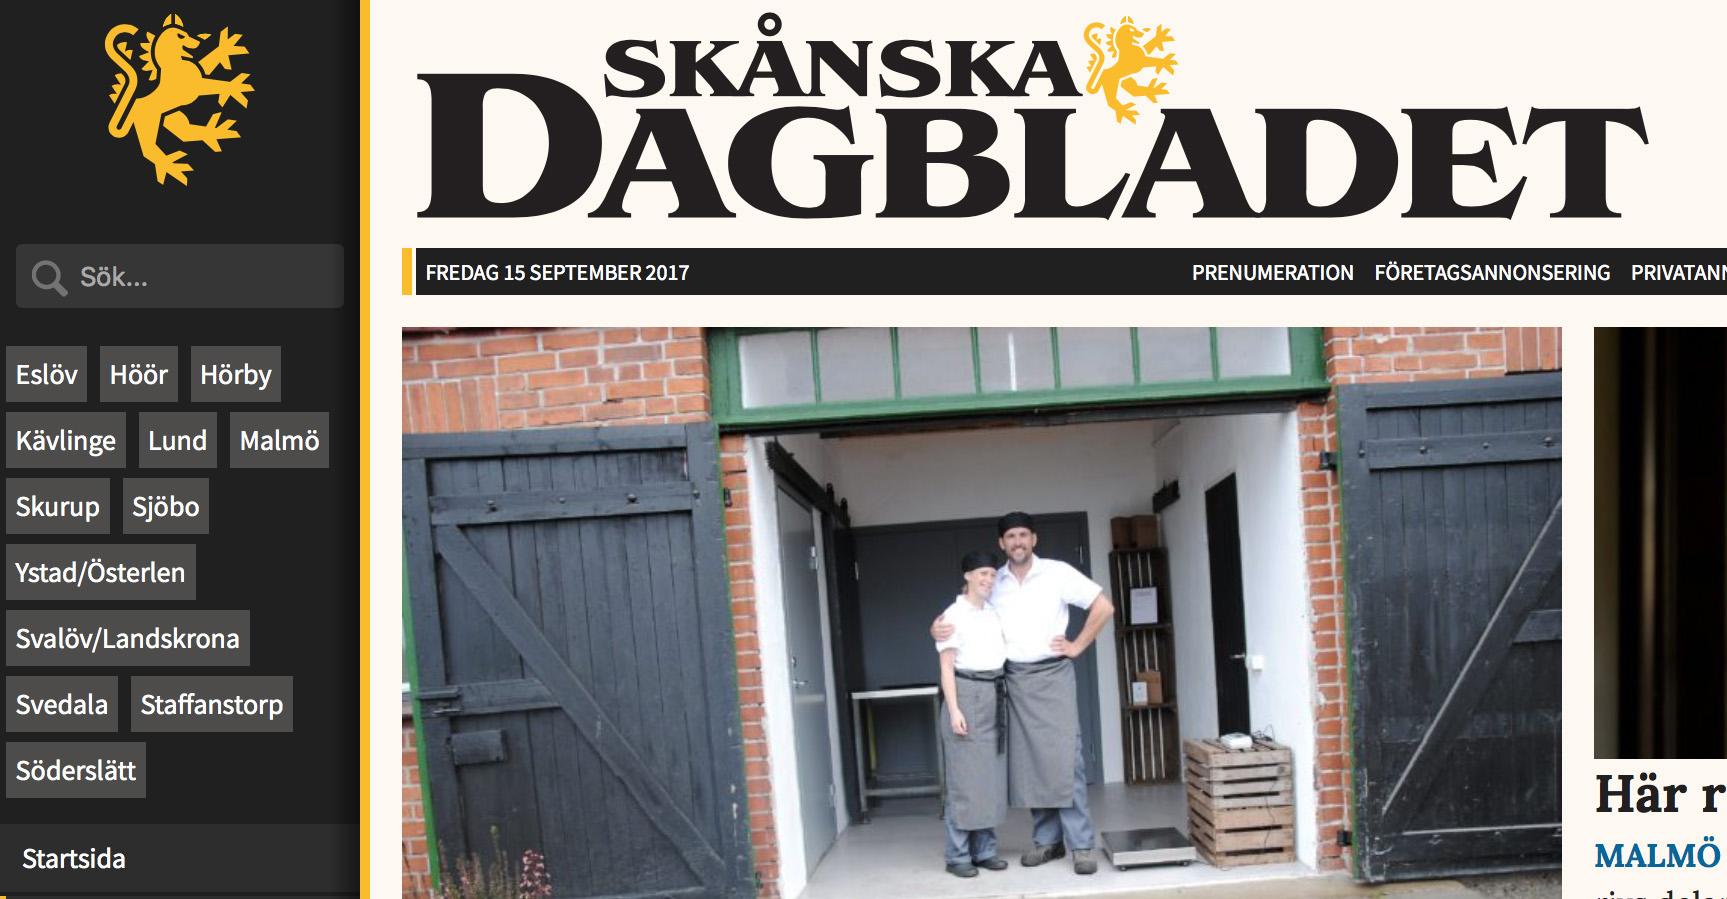 Skånska Dagbladet på besök!